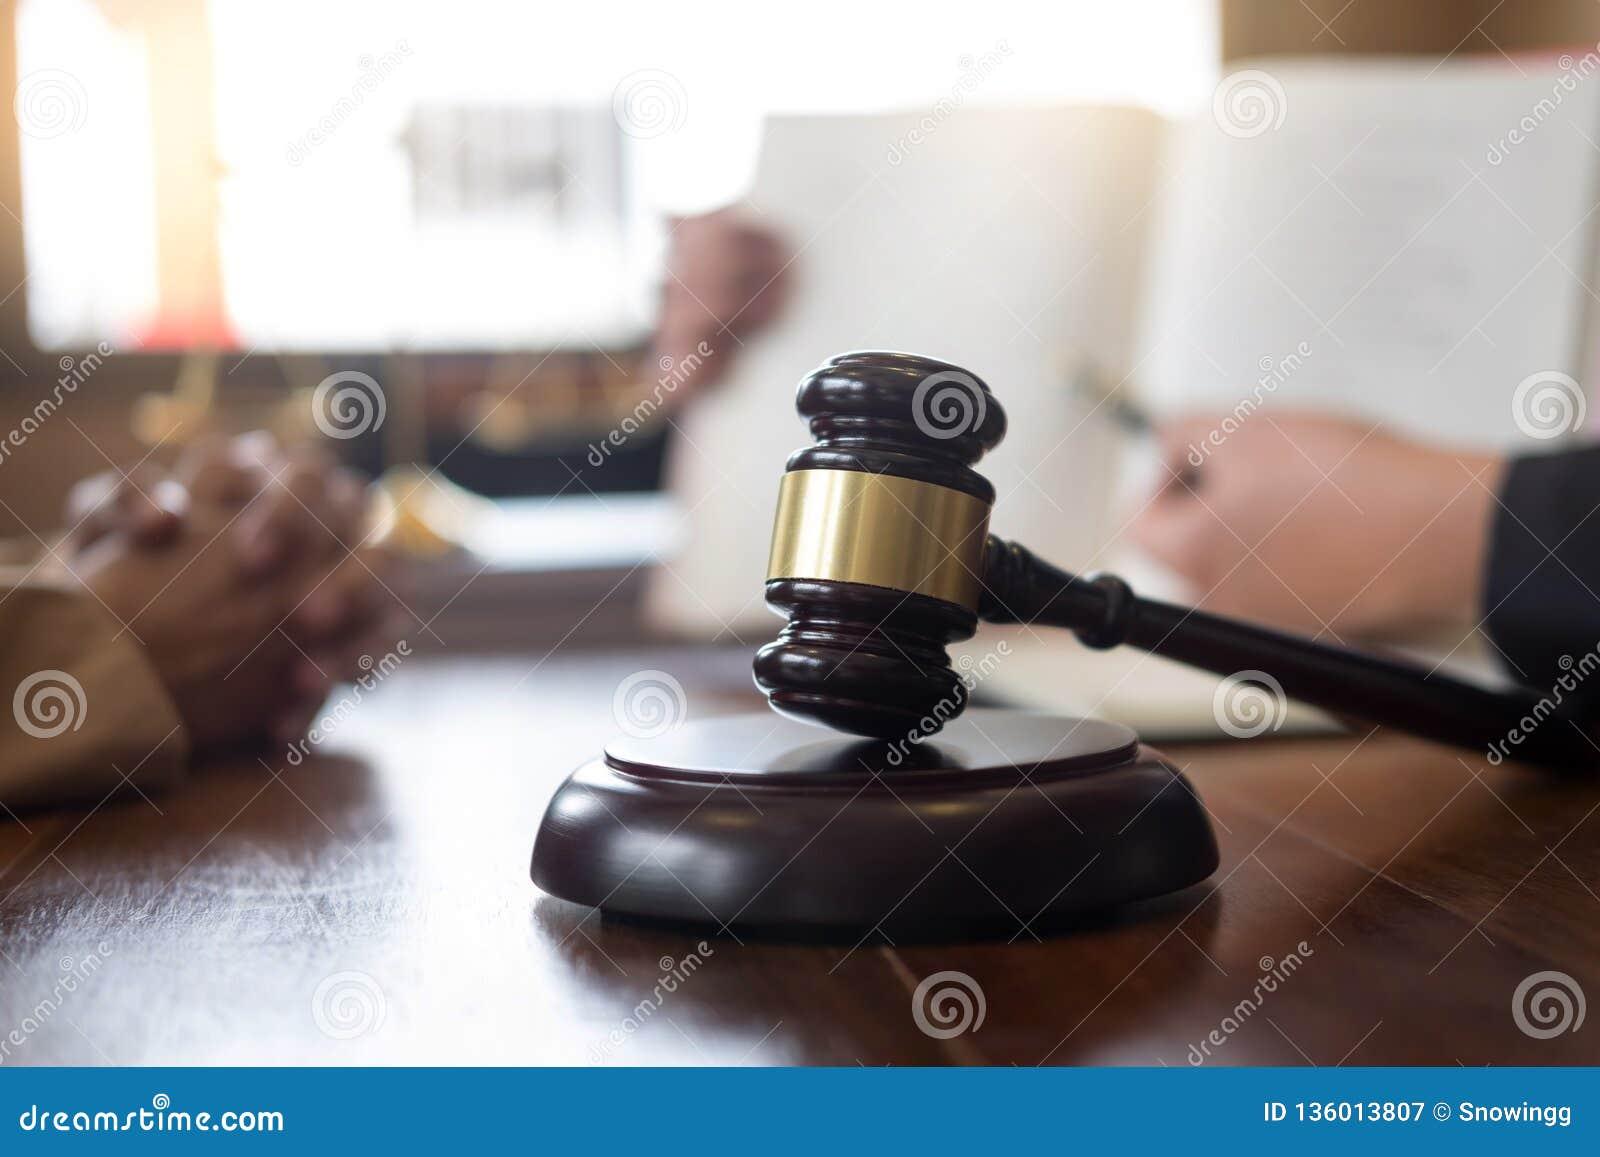 Avvocato In Ufficio Consigliando Ed Esprimendo Parere ...